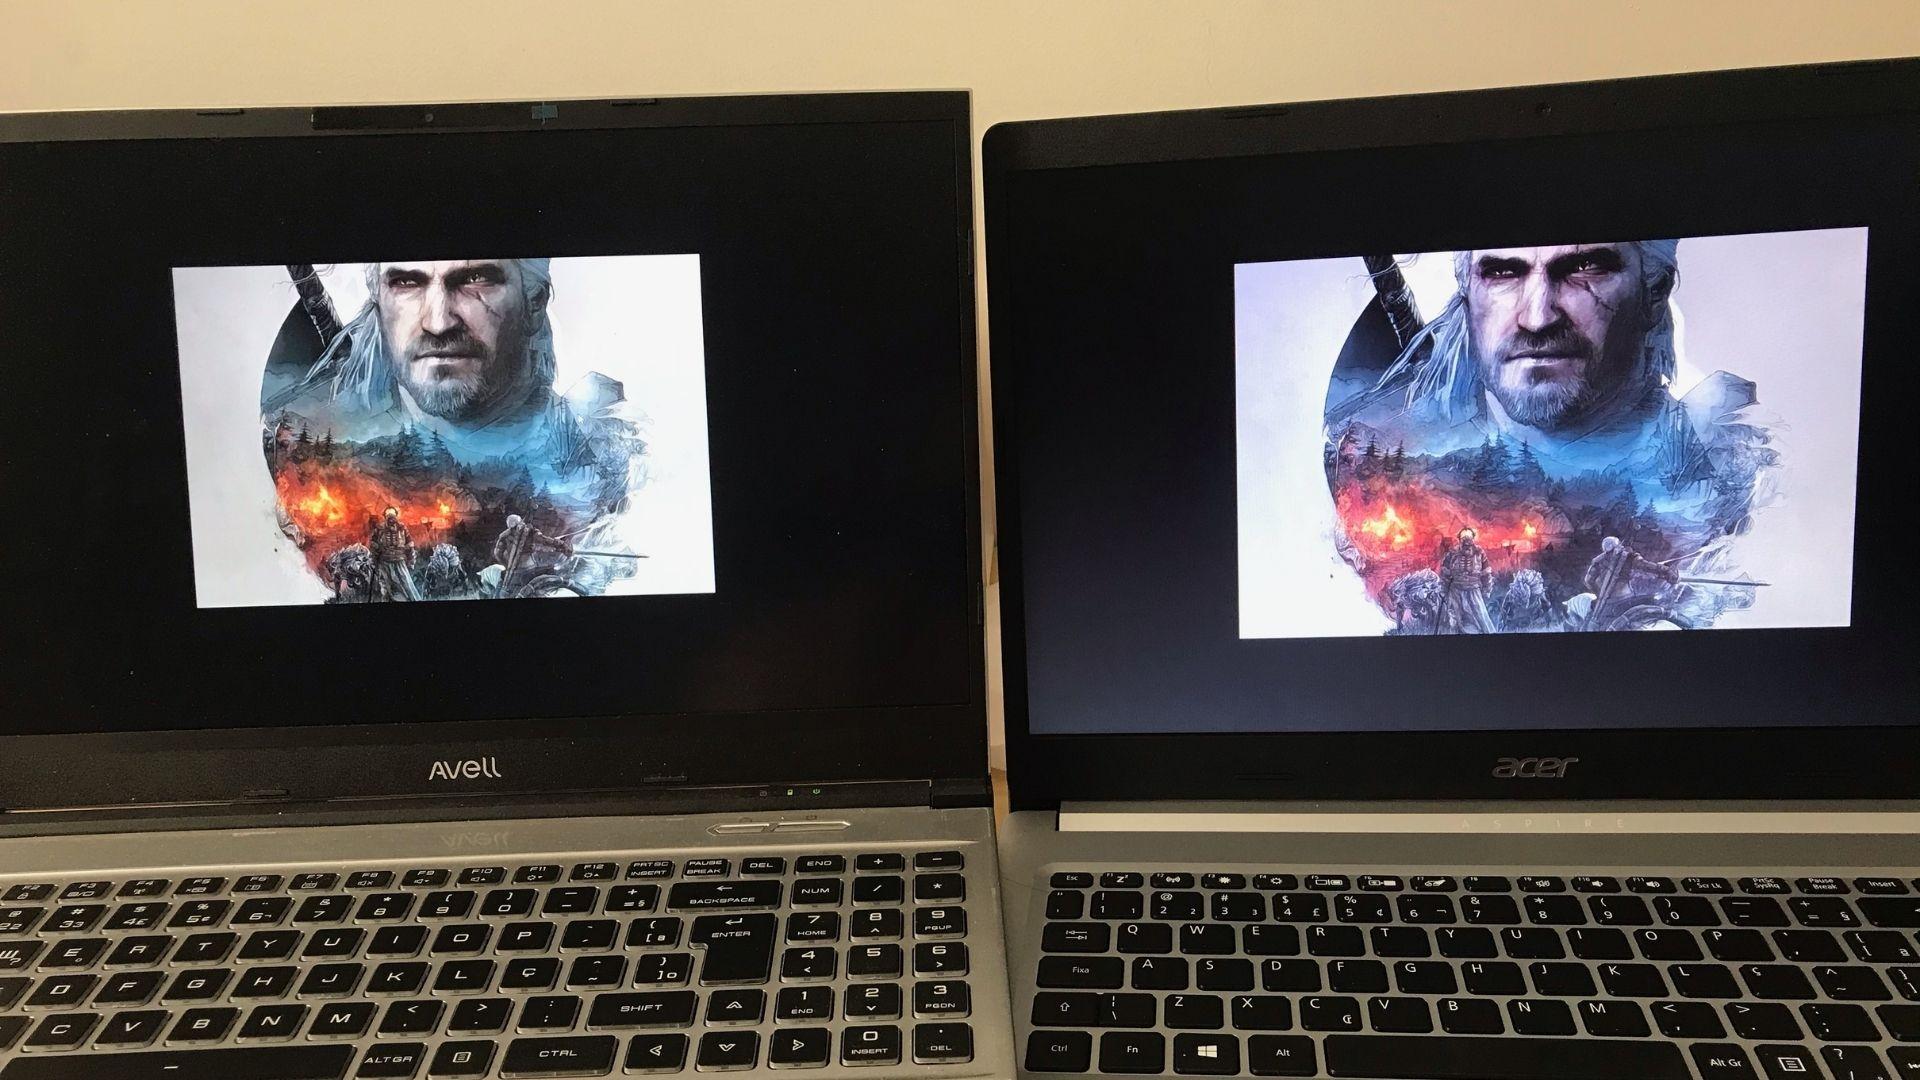 A mesma imagem fica com cores muito mais vivas no notebook Full HD com painel IPS à esquerda, quando comparado ao Acer Aspire 5, à direita (Foto: Guilherme Toscano)